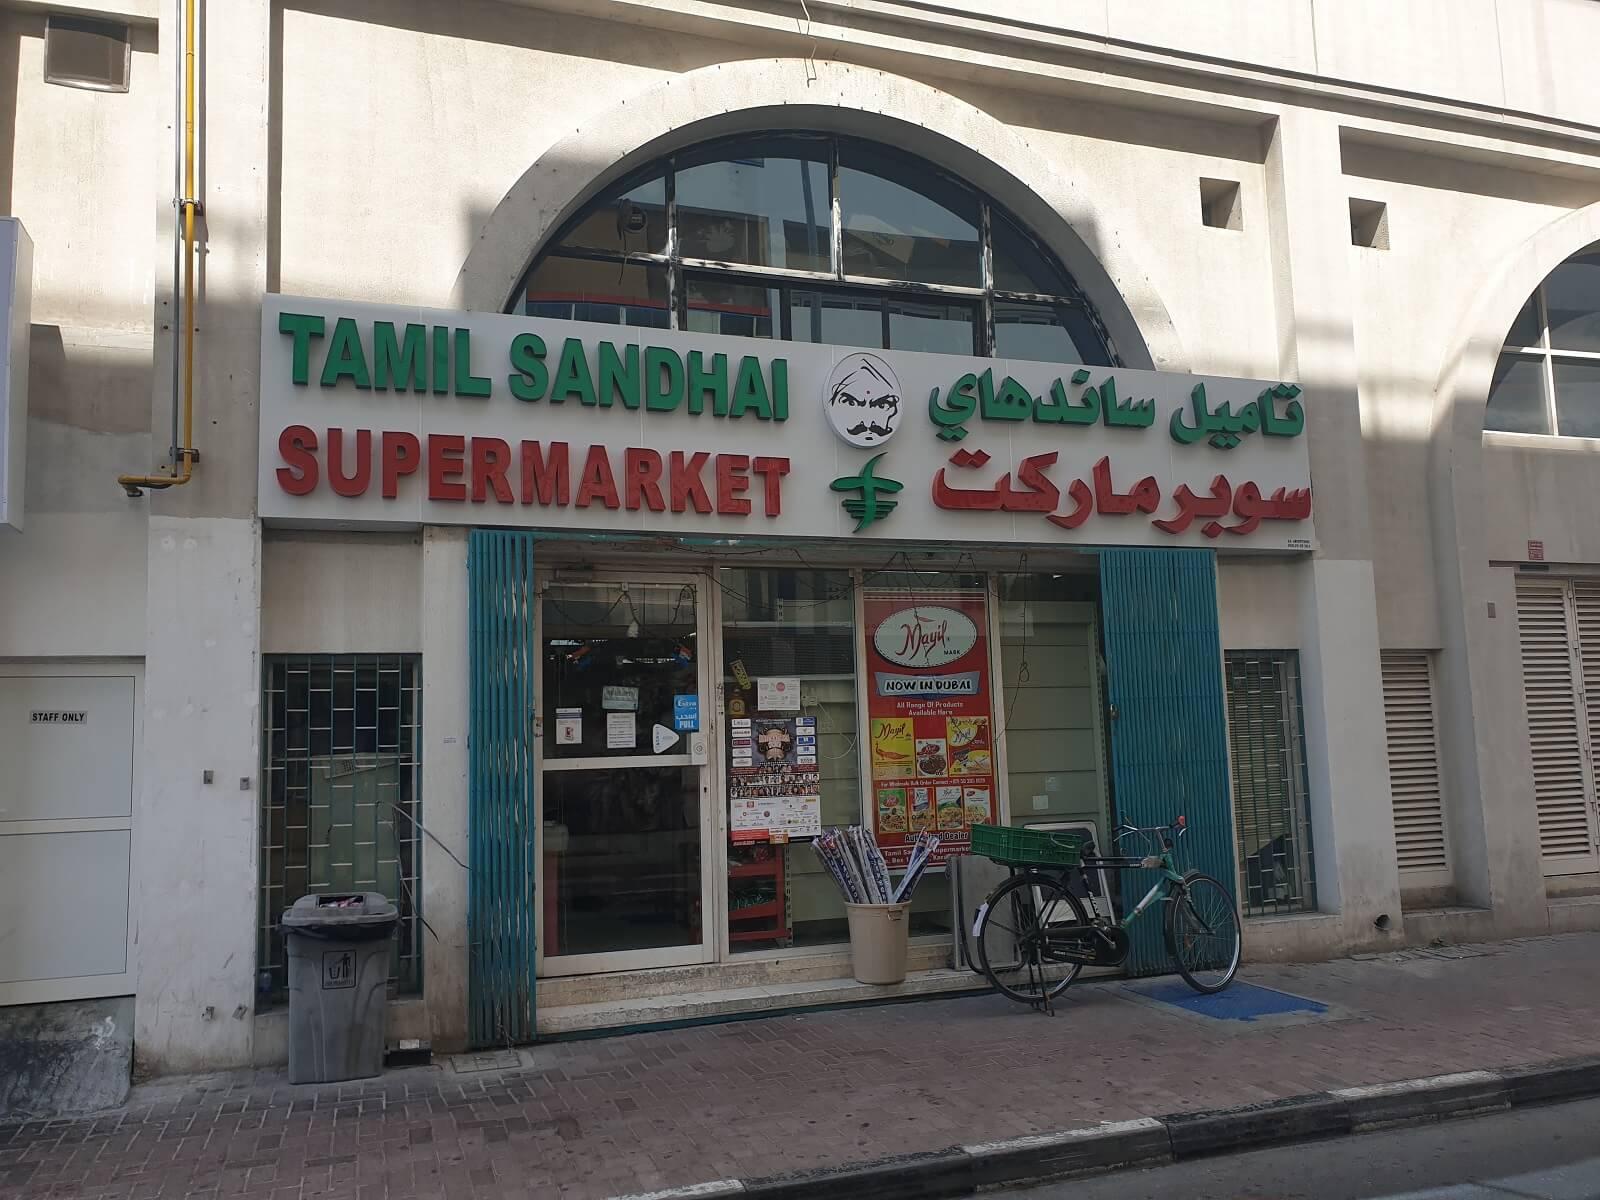 Tamil Sandhai Supermarket in Karama, Dubai